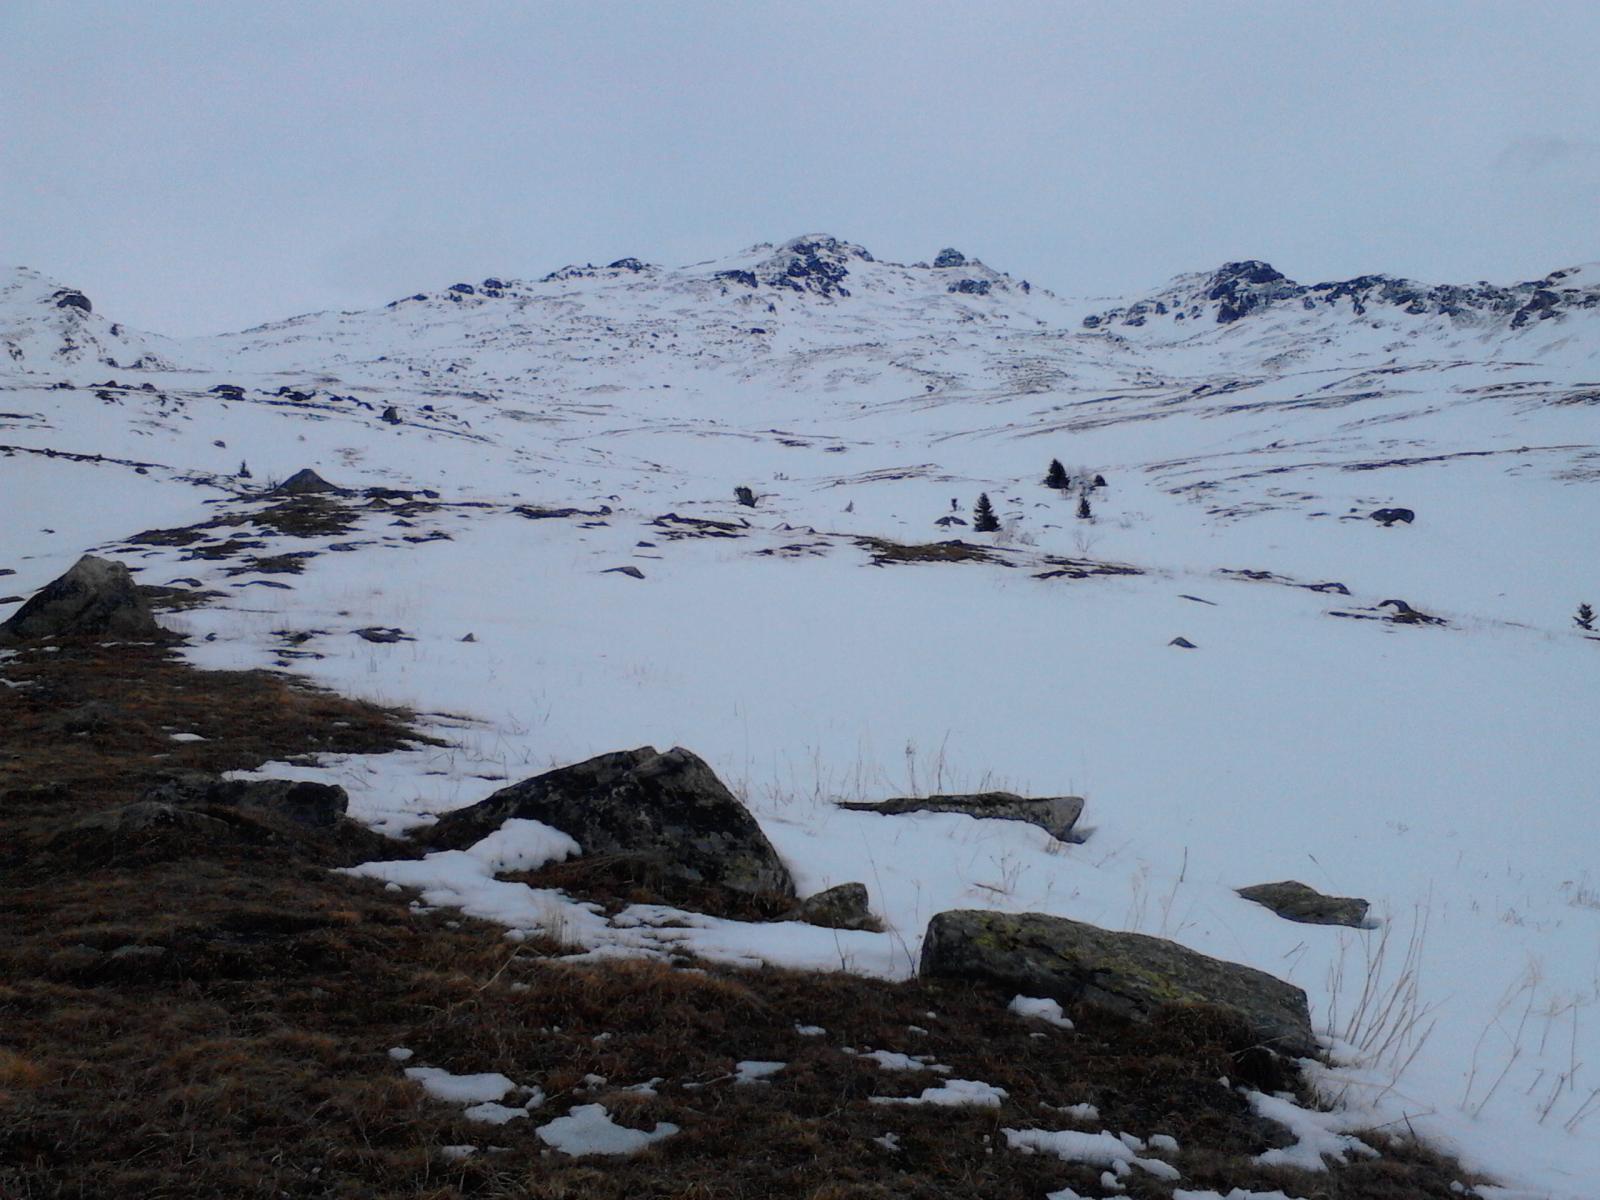 03 - Dagli chalet verso il Mont Brequin